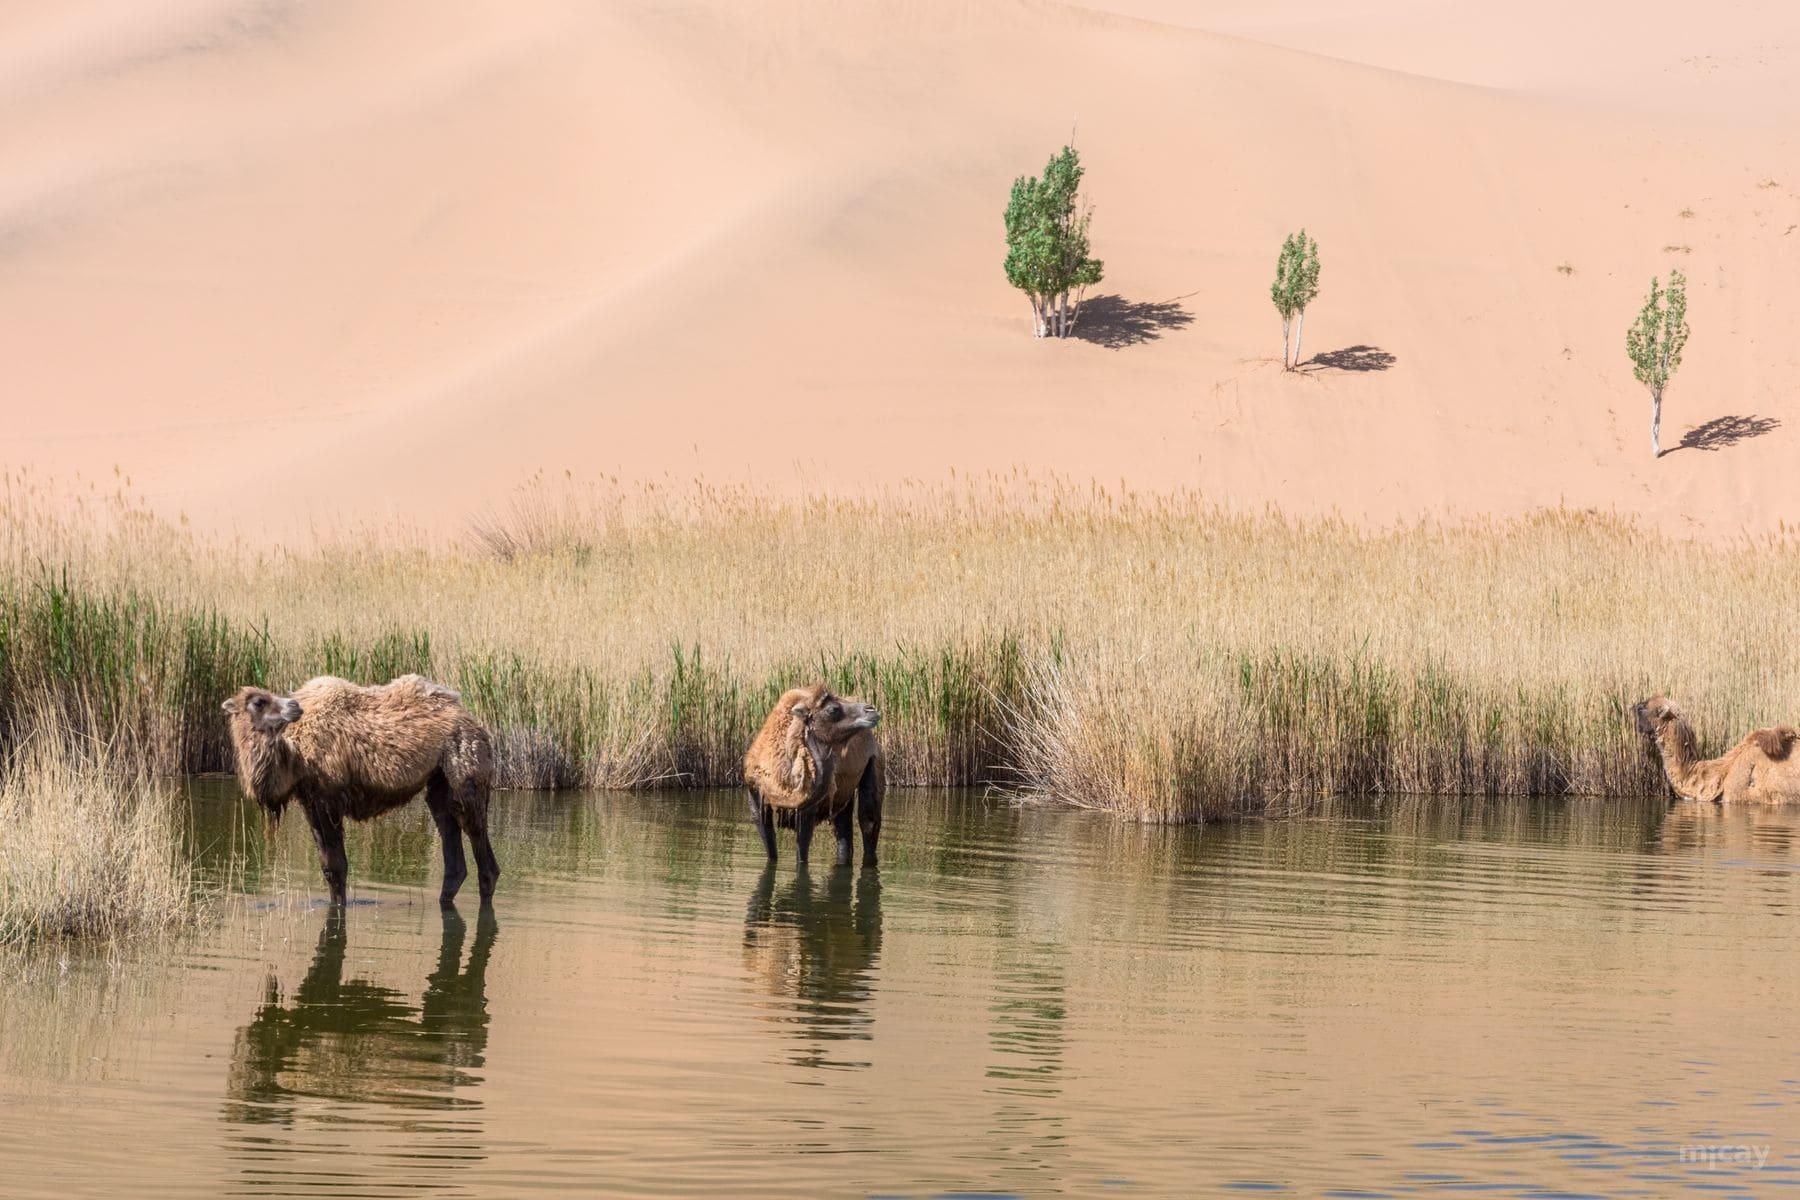 MichelAycaguer-Chine-Desert-BadainJaran-Dunes-Chameaux-MongolieInterieure-8